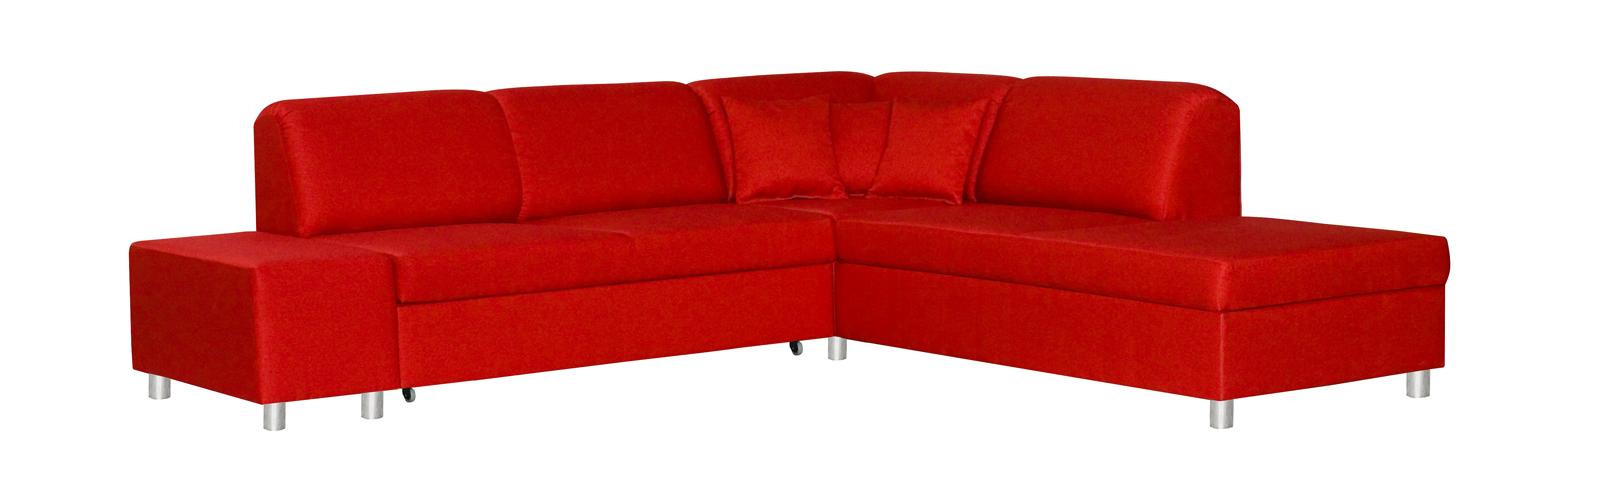 Rohová sedačka - BRW - Milano 2F.E.REC červená (P)